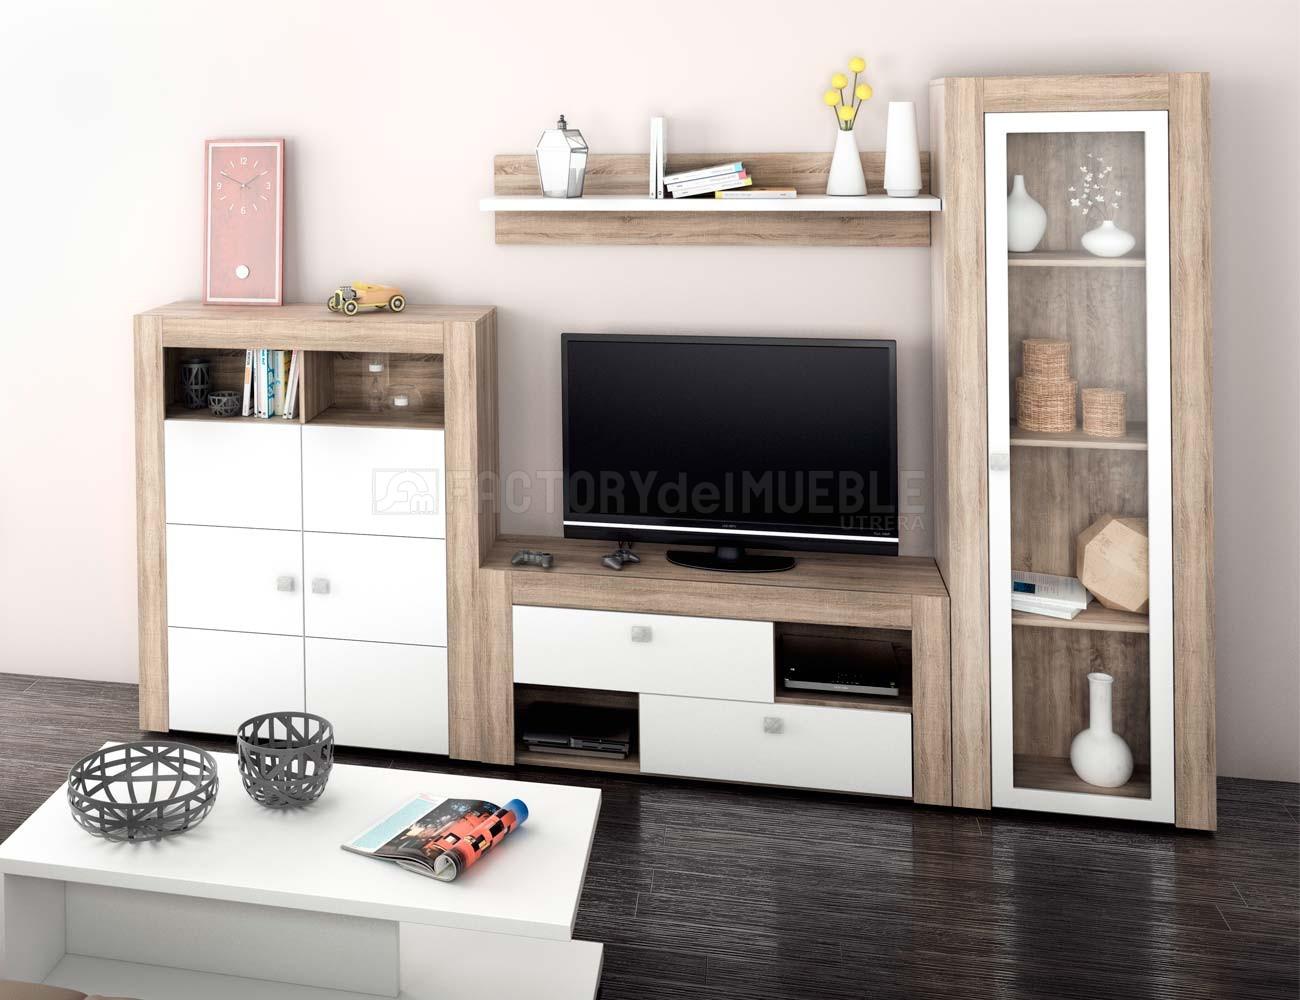 Mueble de sal n estilo moderno en cambrian con blanco for Factory del mueble azuaga